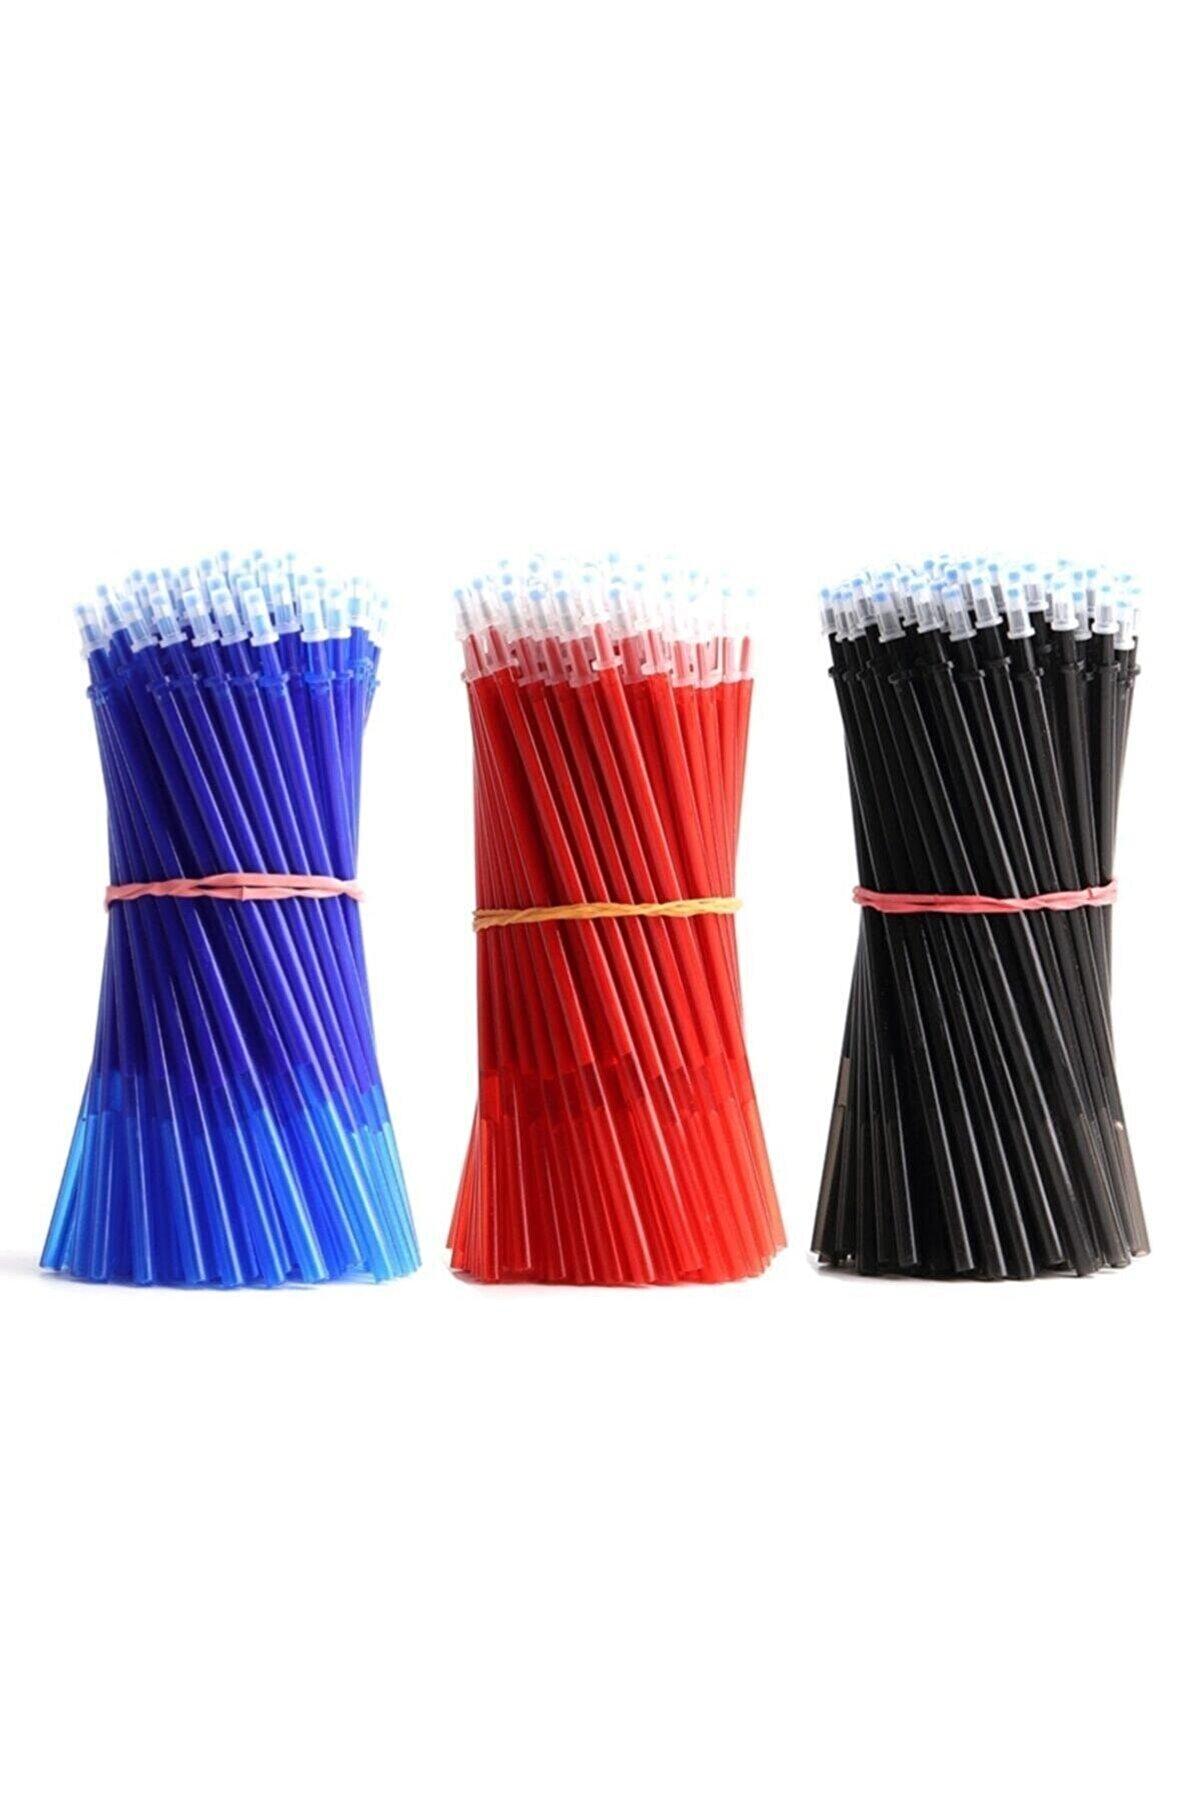 armex Uçan Kalem 2 Adet Kalem 50 Adet Kalem Içi Karışık 3 Renk Iğne Uçlu 0.5 Mm